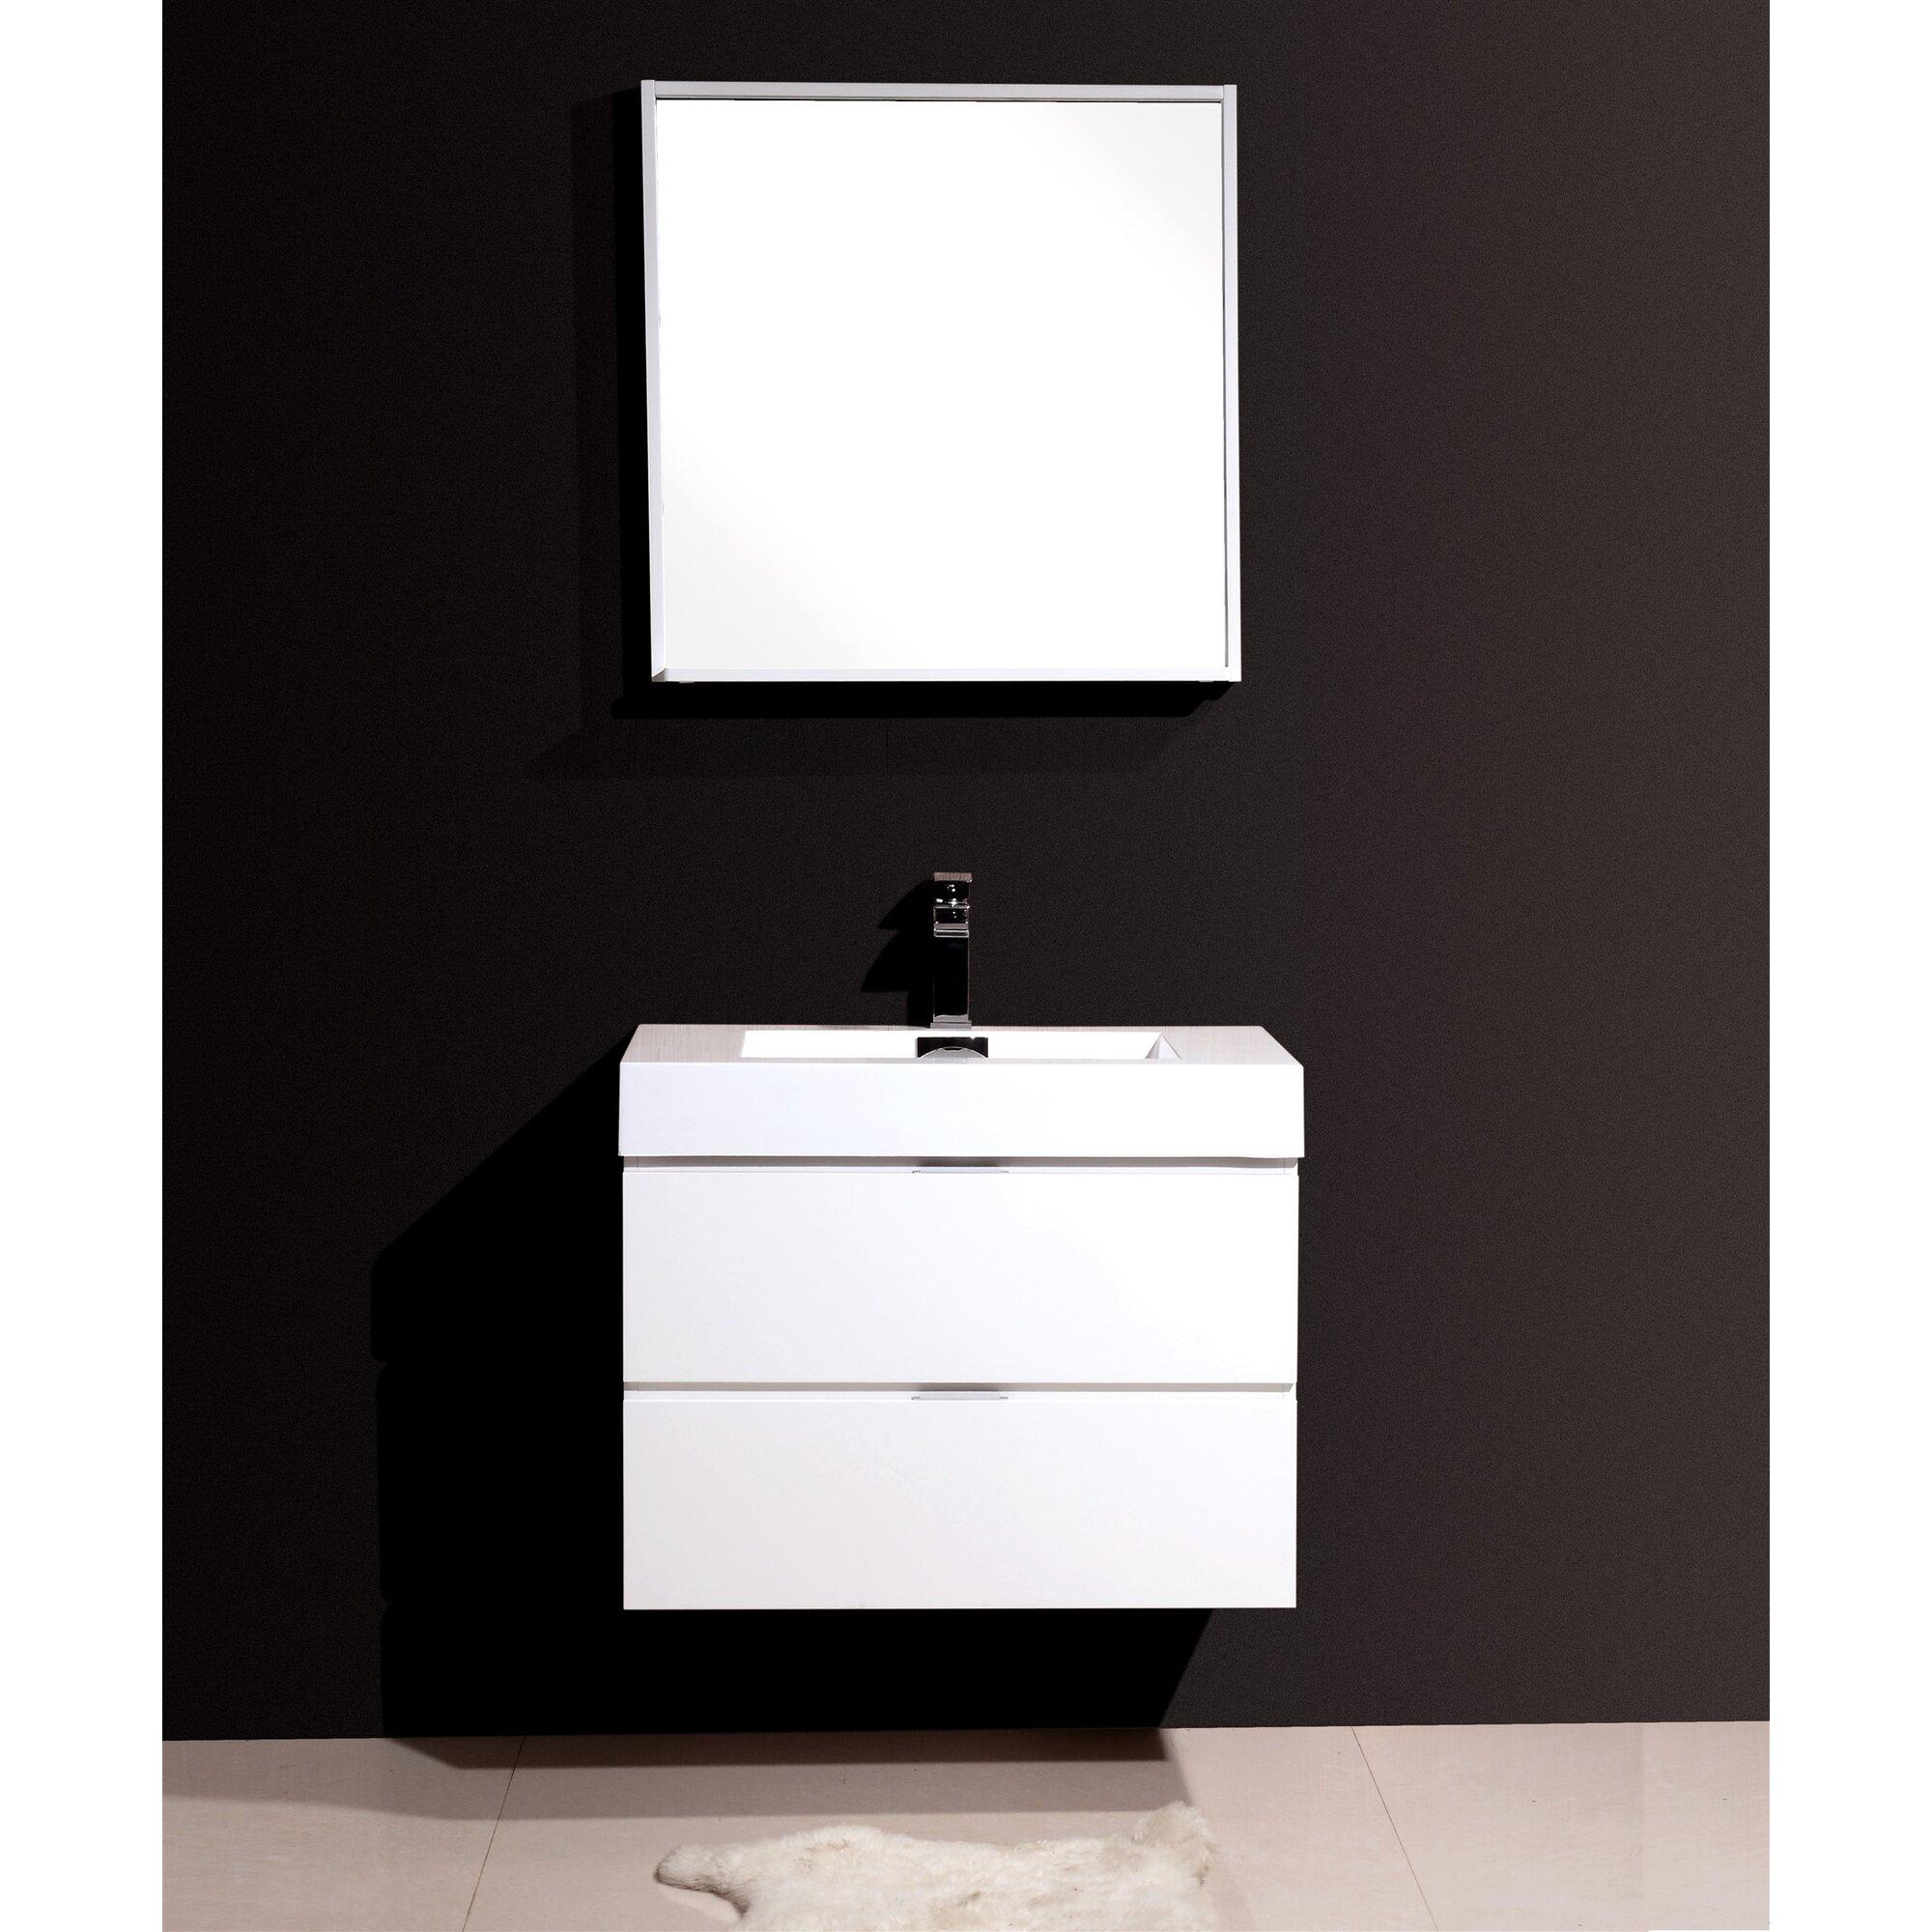 Wade logan tenafly 30 single wall mount modern bathroom vanity set reviews - Linden modern bathroom vanity set ...